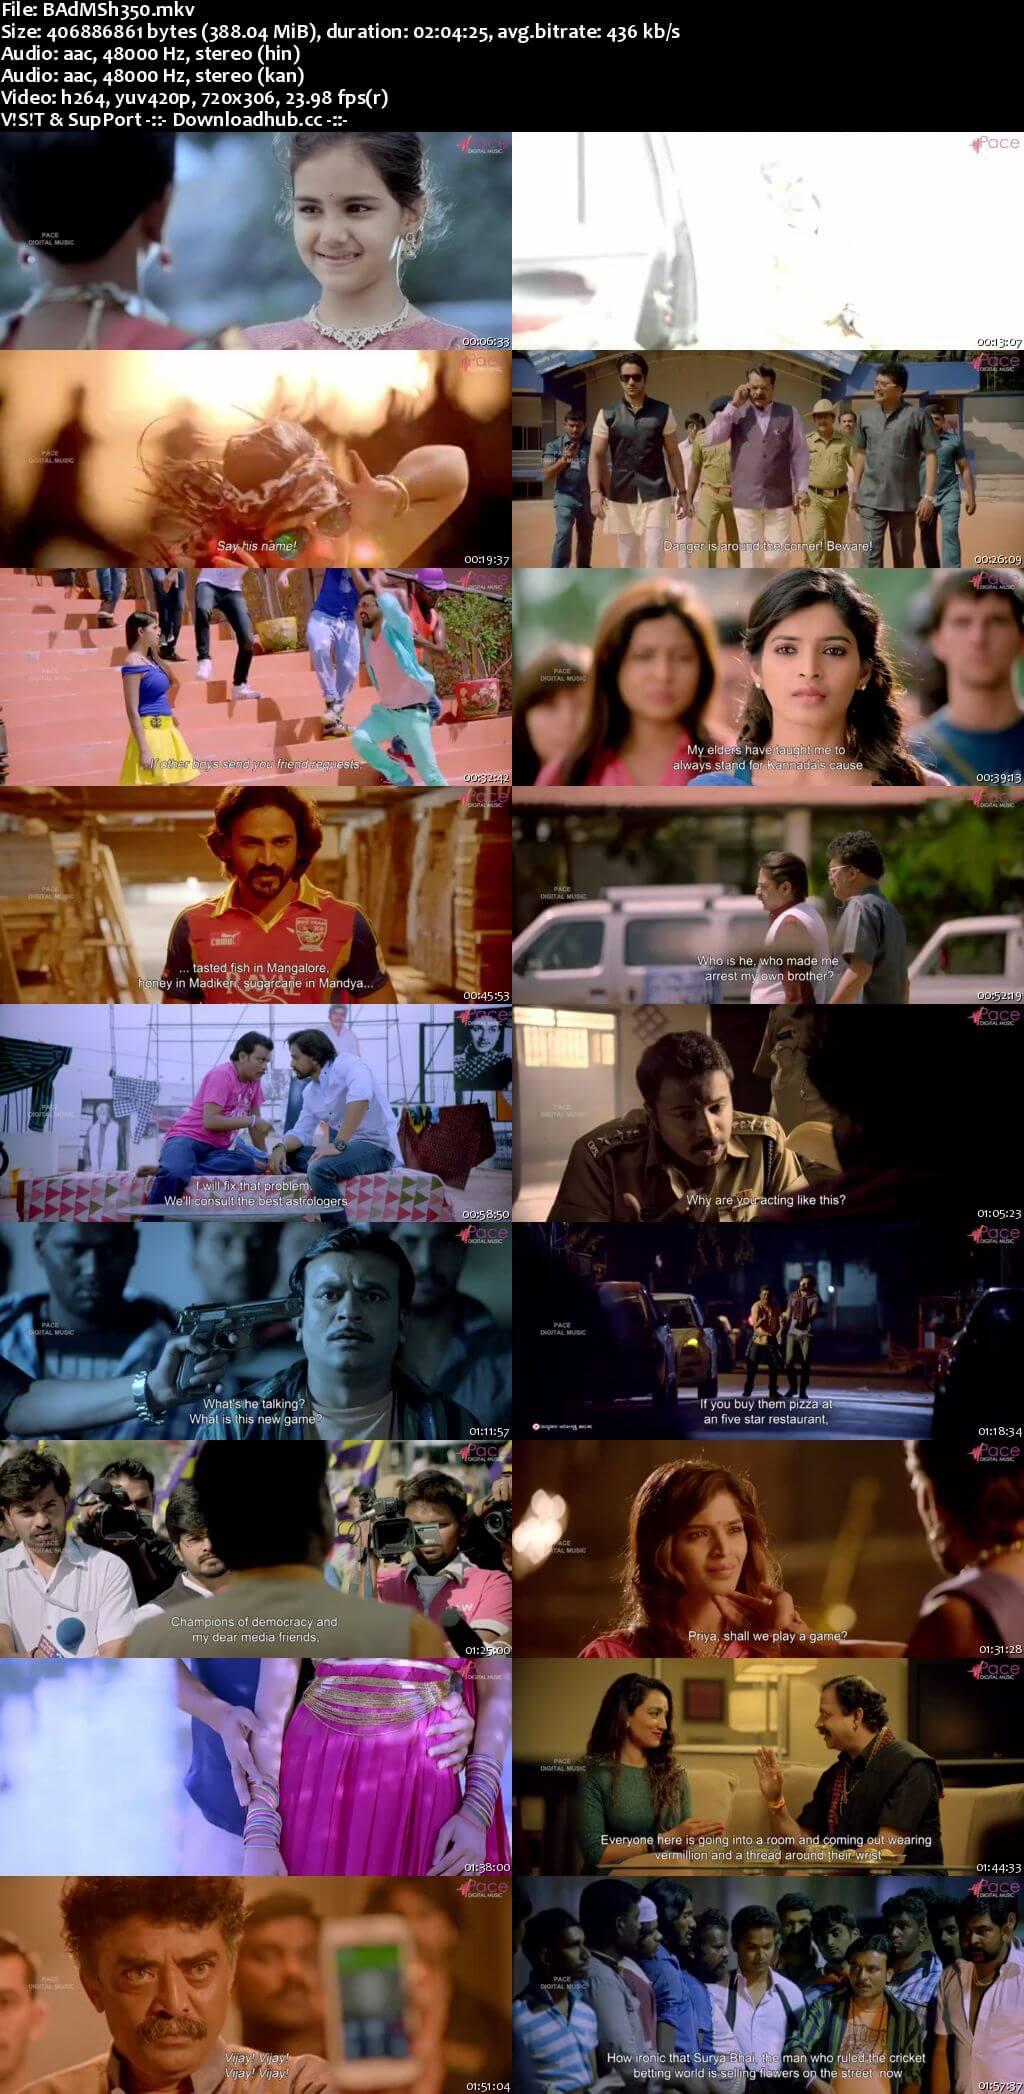 Badmaash 2016 UNCUT Hindi Dual Audio 480p HDRip Free Download